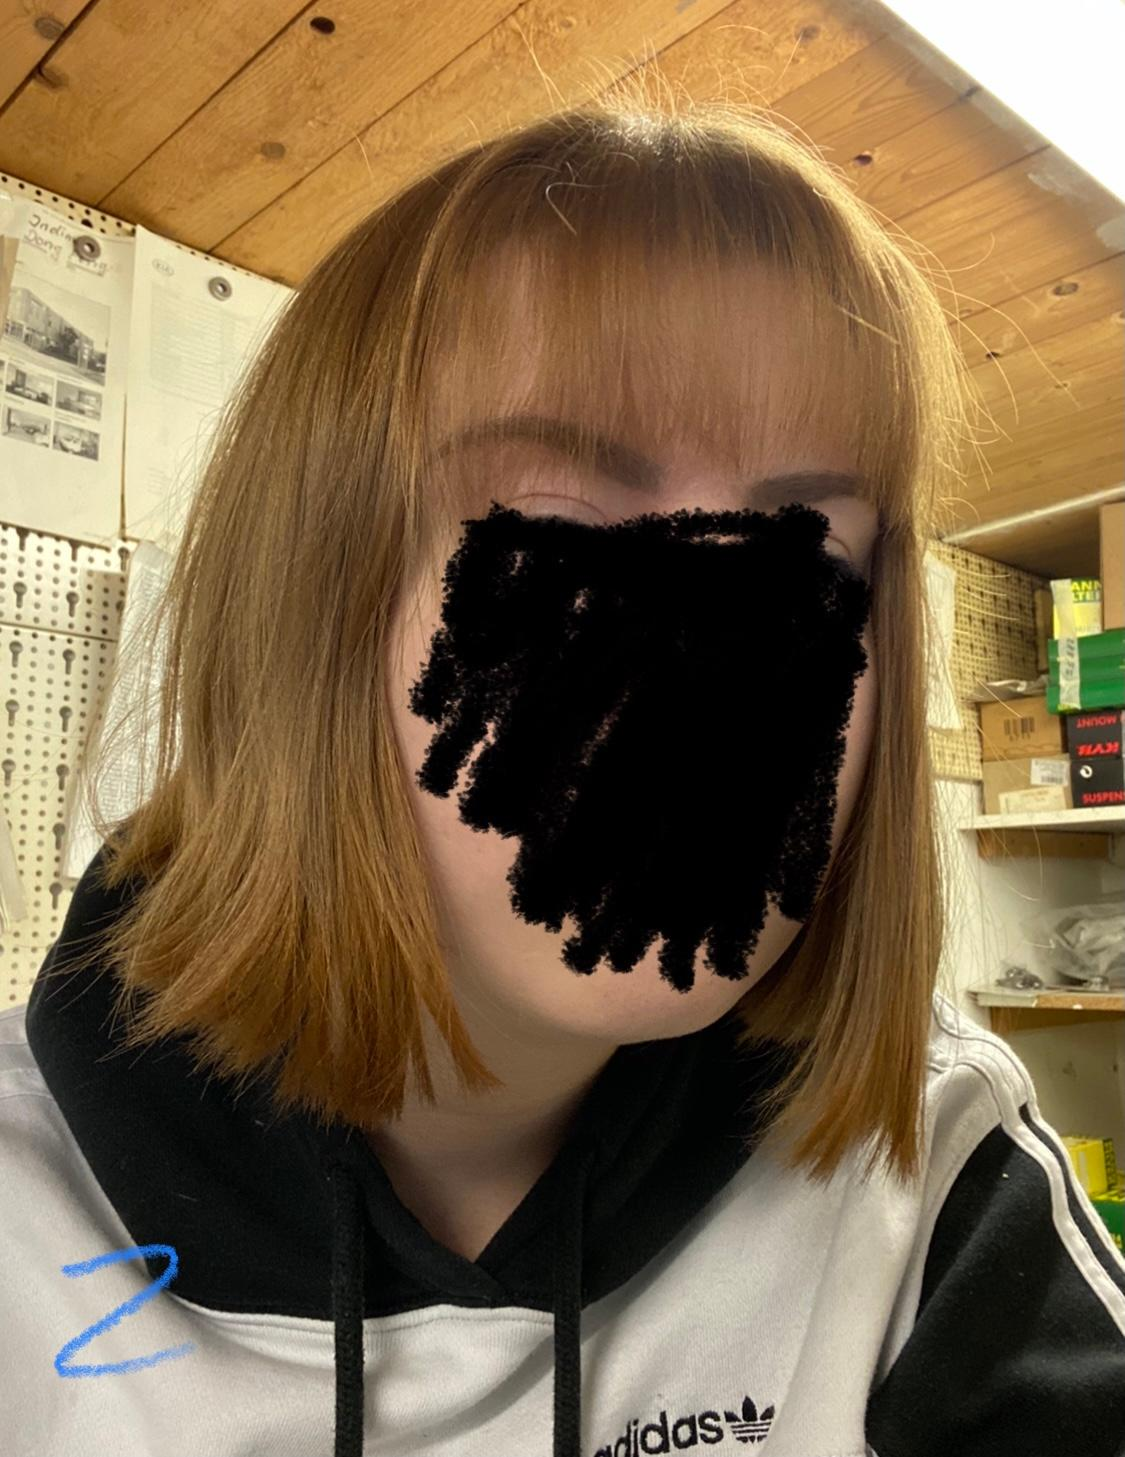 Haare von rot auf blond färben? (Haare färben, haarefärben